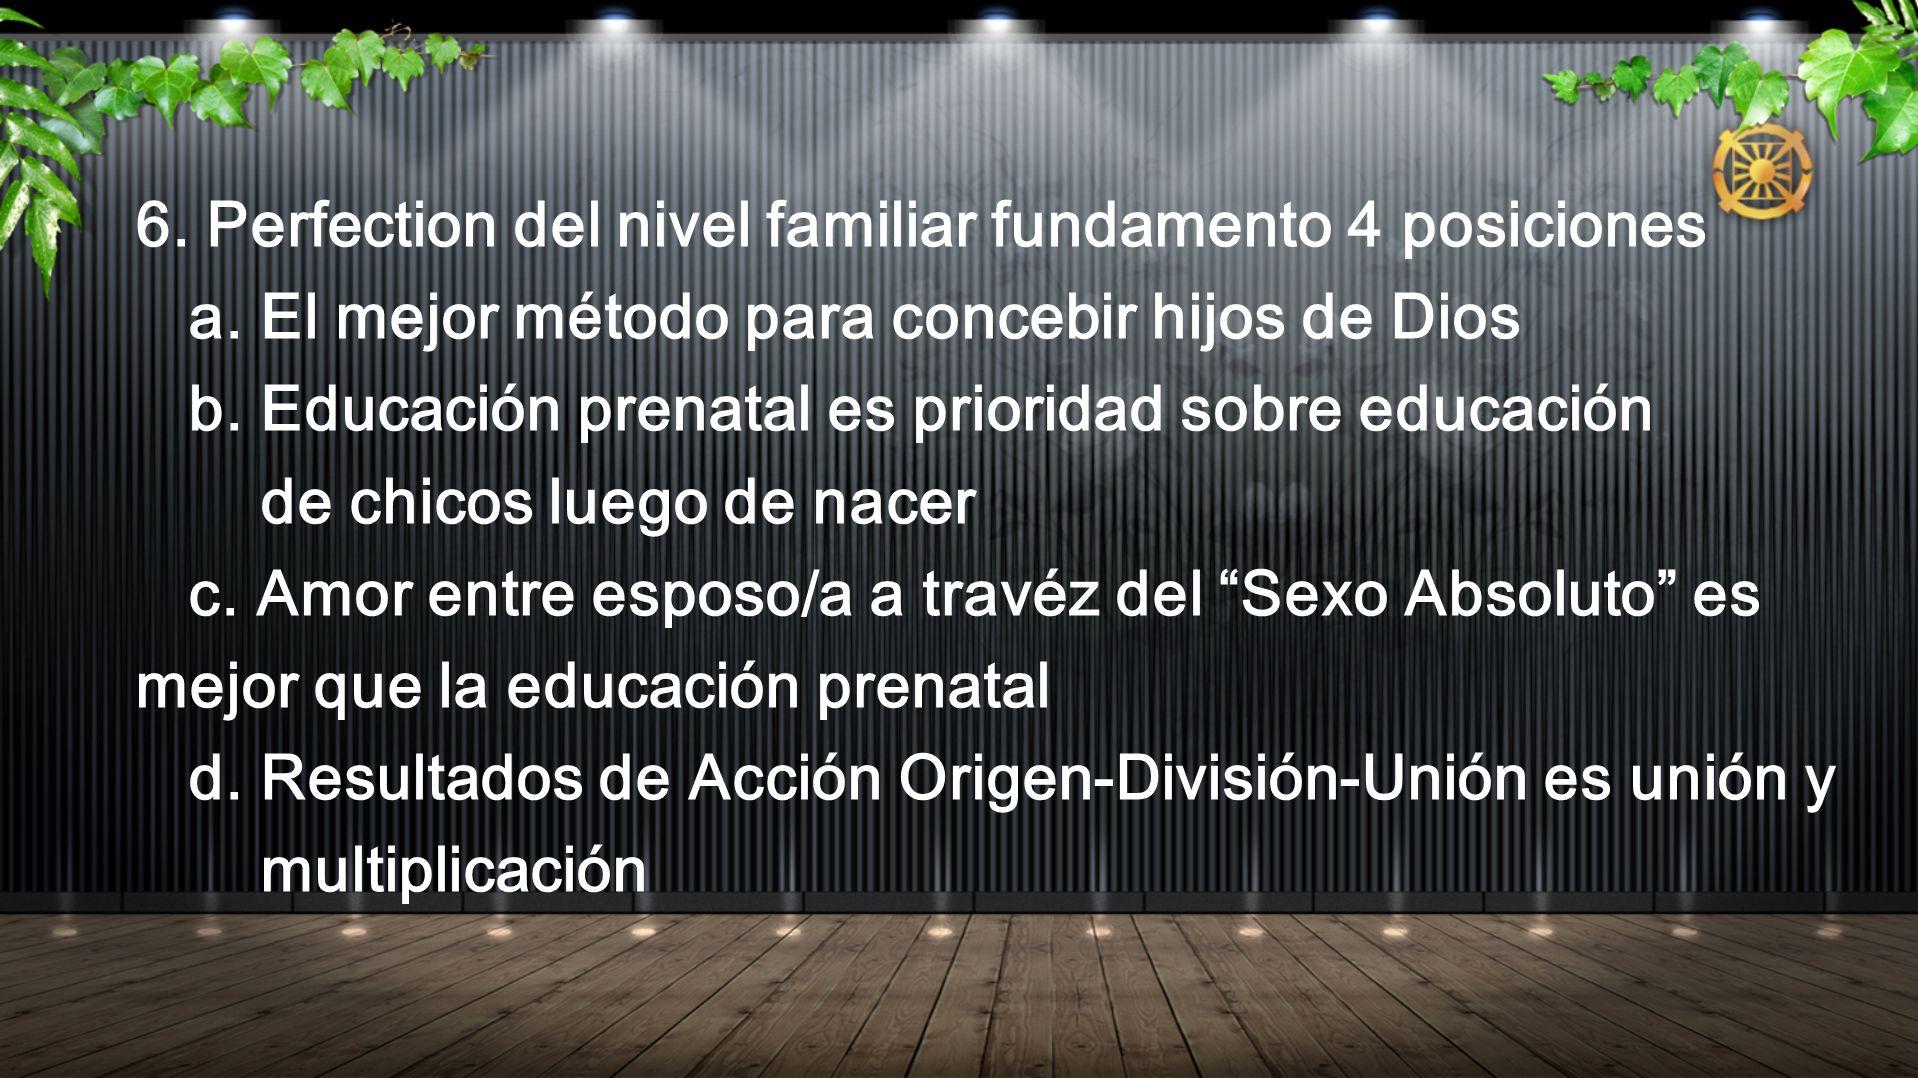 6. Perfection del nivel familiar fundamento 4 posiciones a. El mejor método para concebir hijos de Dios b. Educación prenatal es prioridad sobre educa